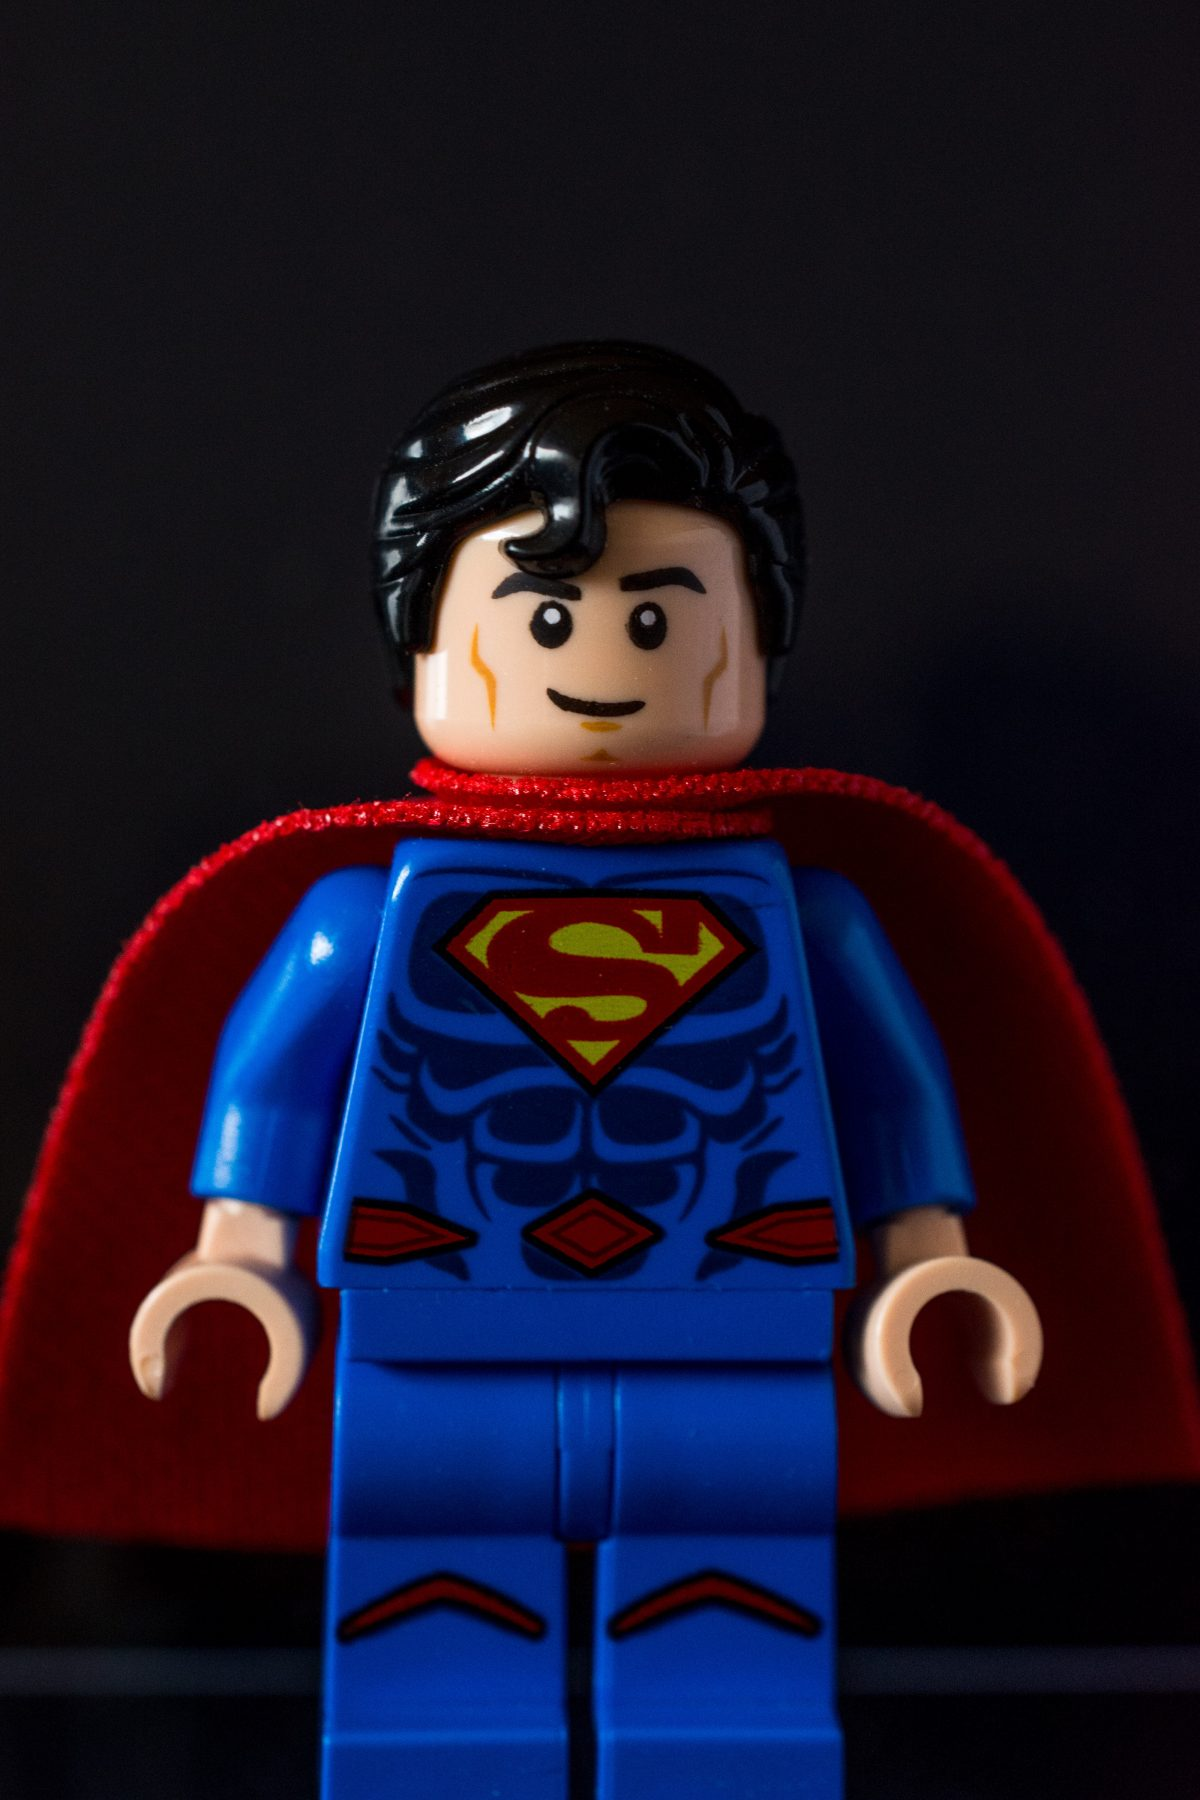 De 5 superkrachten van je Wijze ik